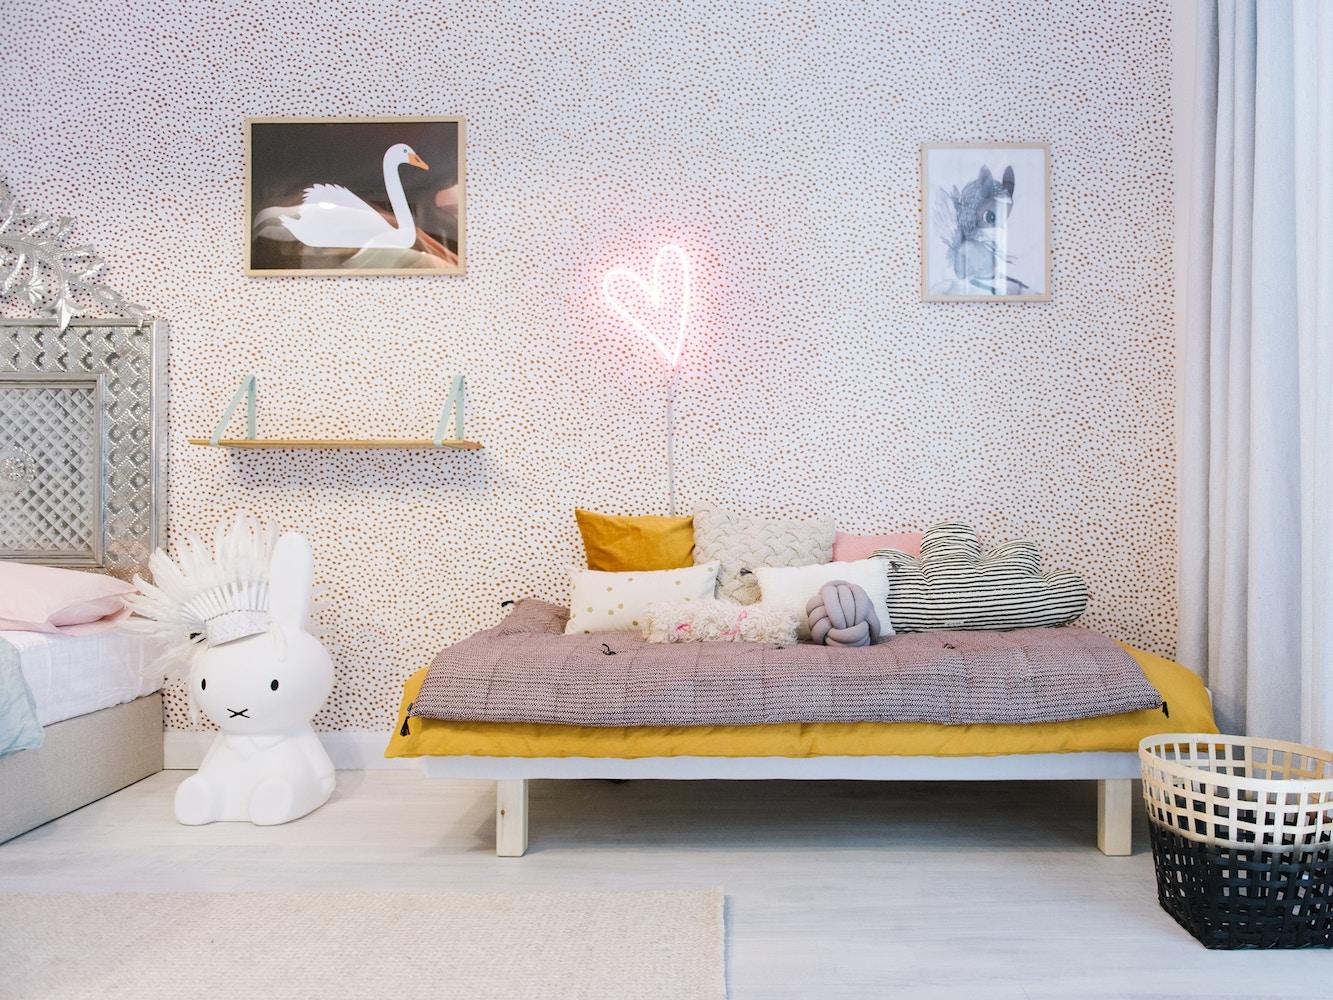 These Walls | Meet Sara Hingle